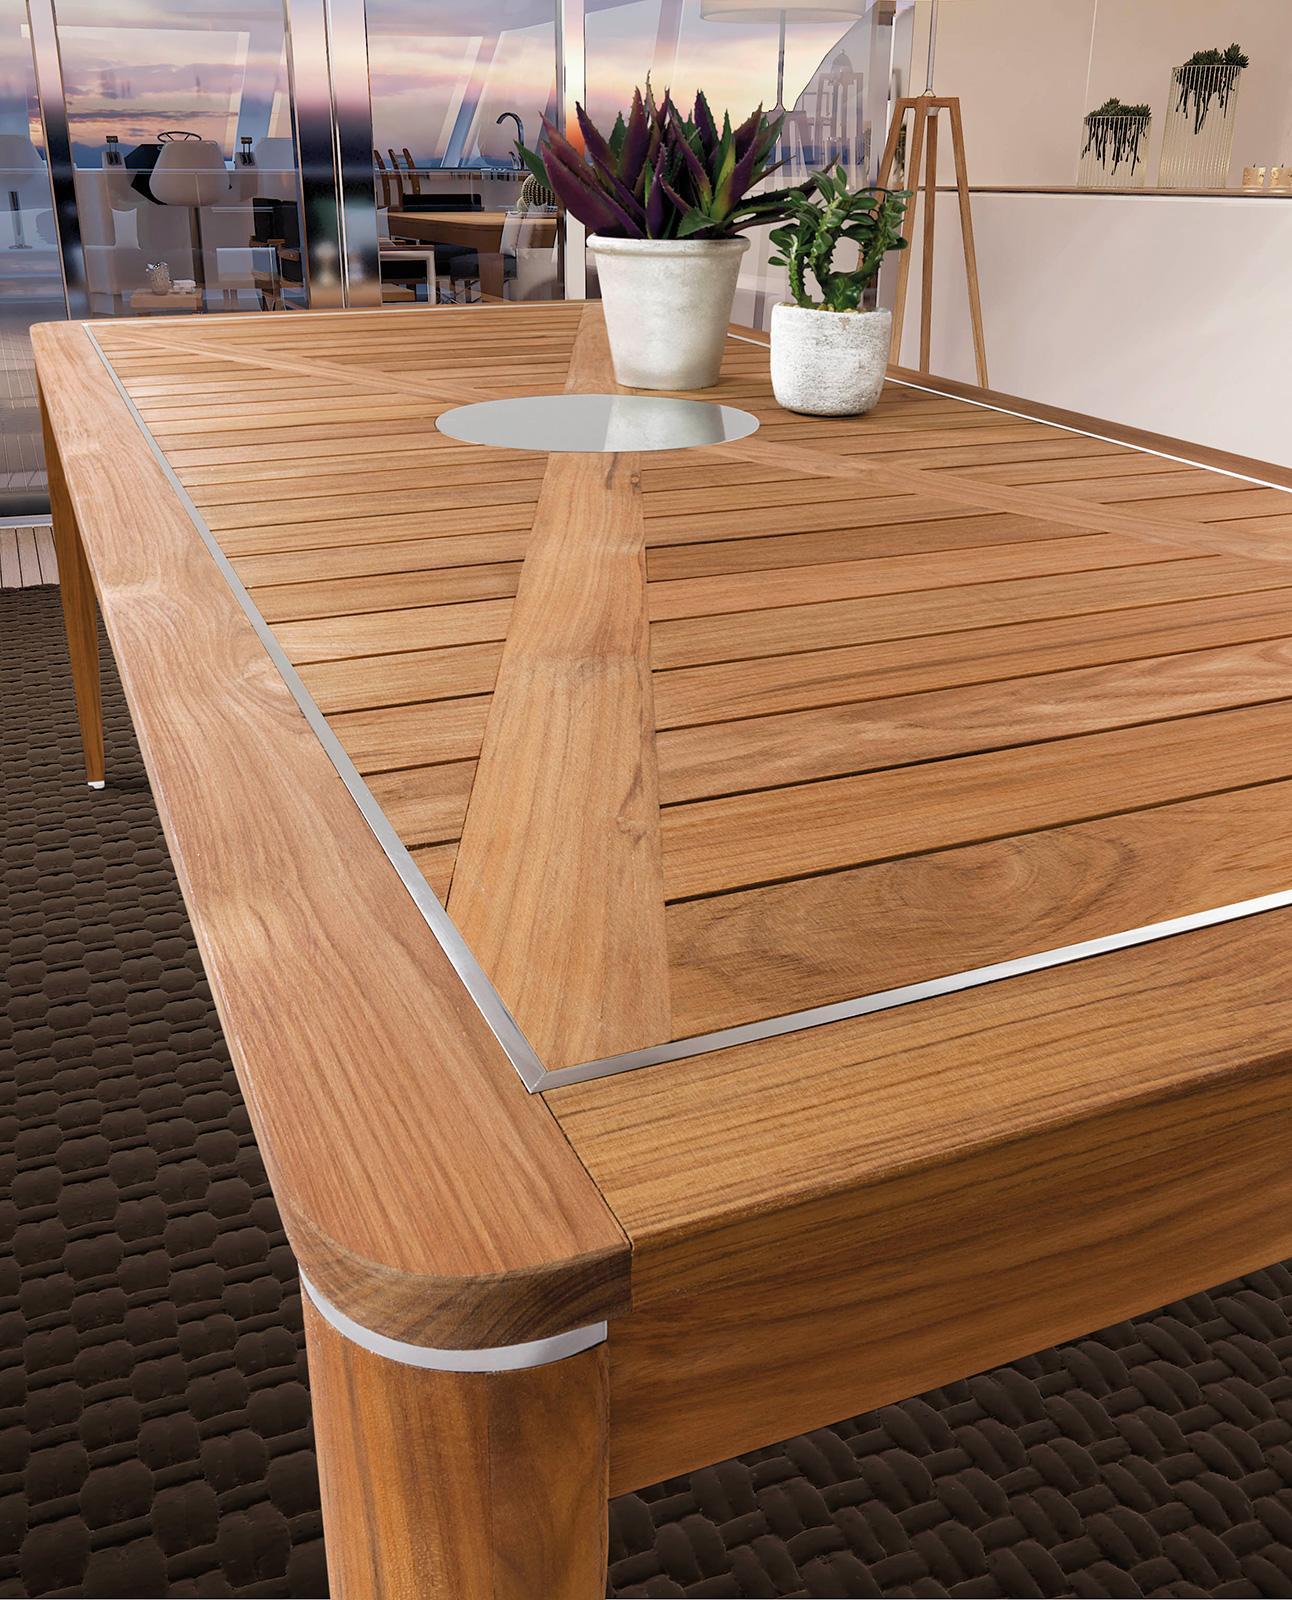 Luxury tavolo da esterno in teak ed acciaio - Italy Dream Design